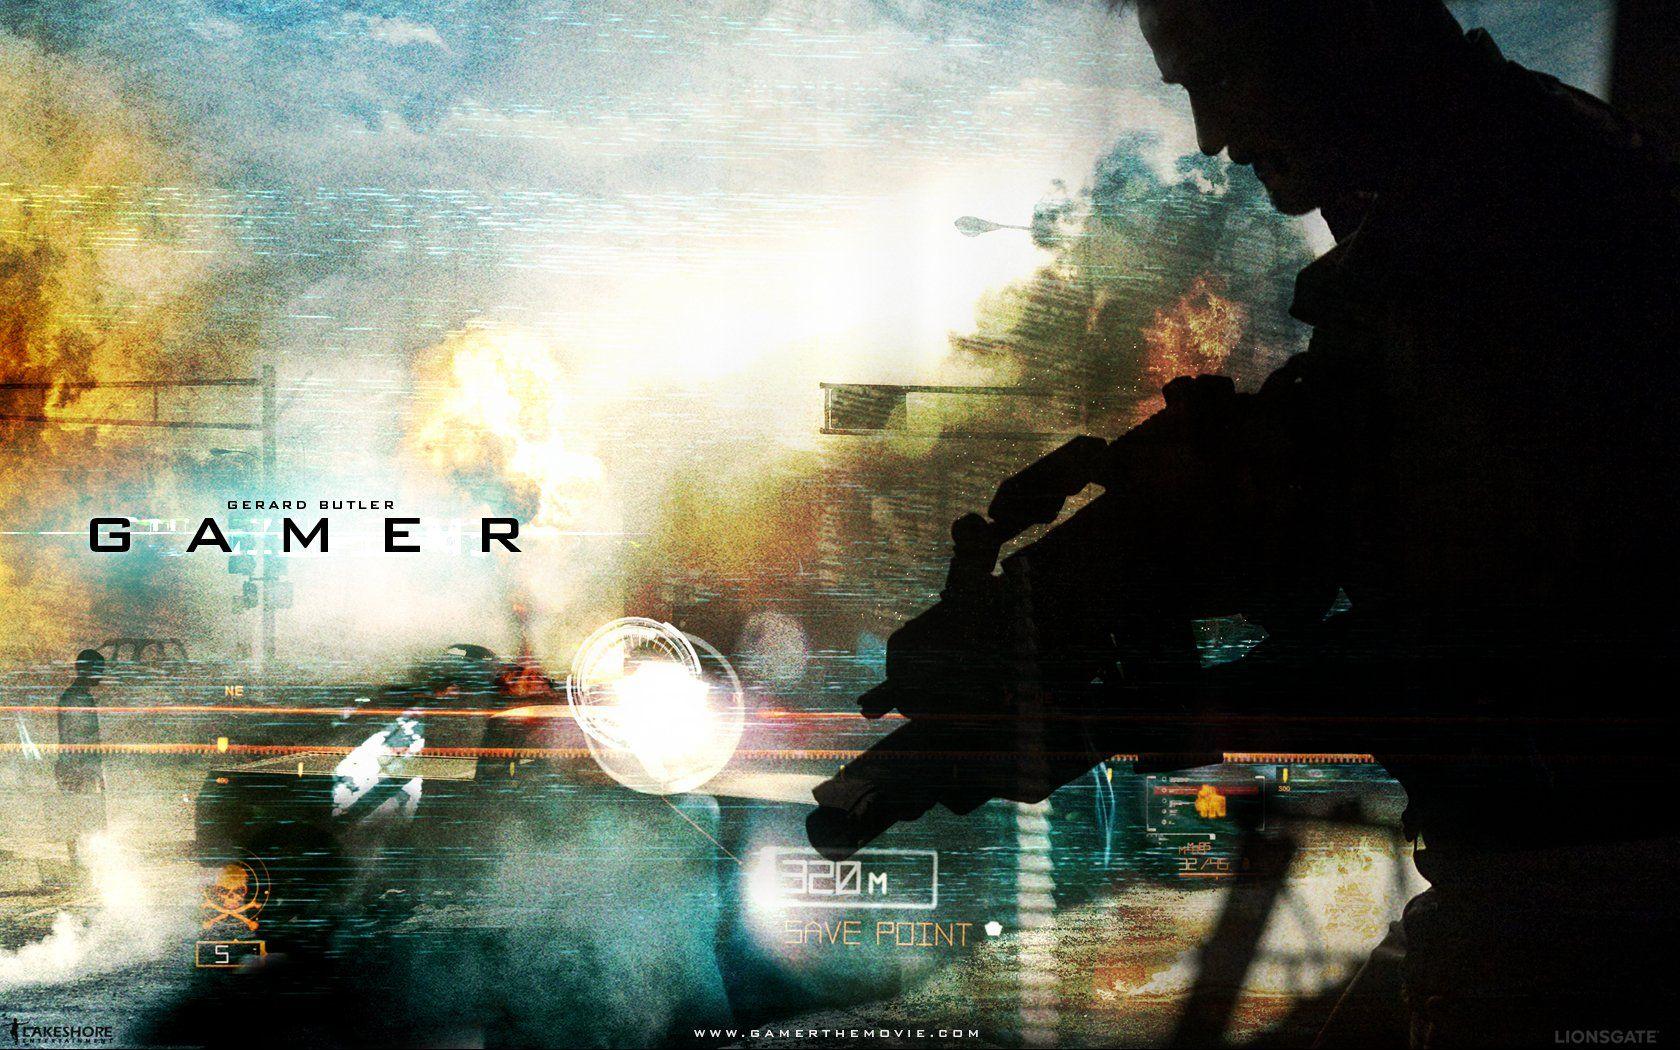 Amber Valletta Gamer pin欣怡 李 on 未來生存遊戲/未來天國競技場 | action